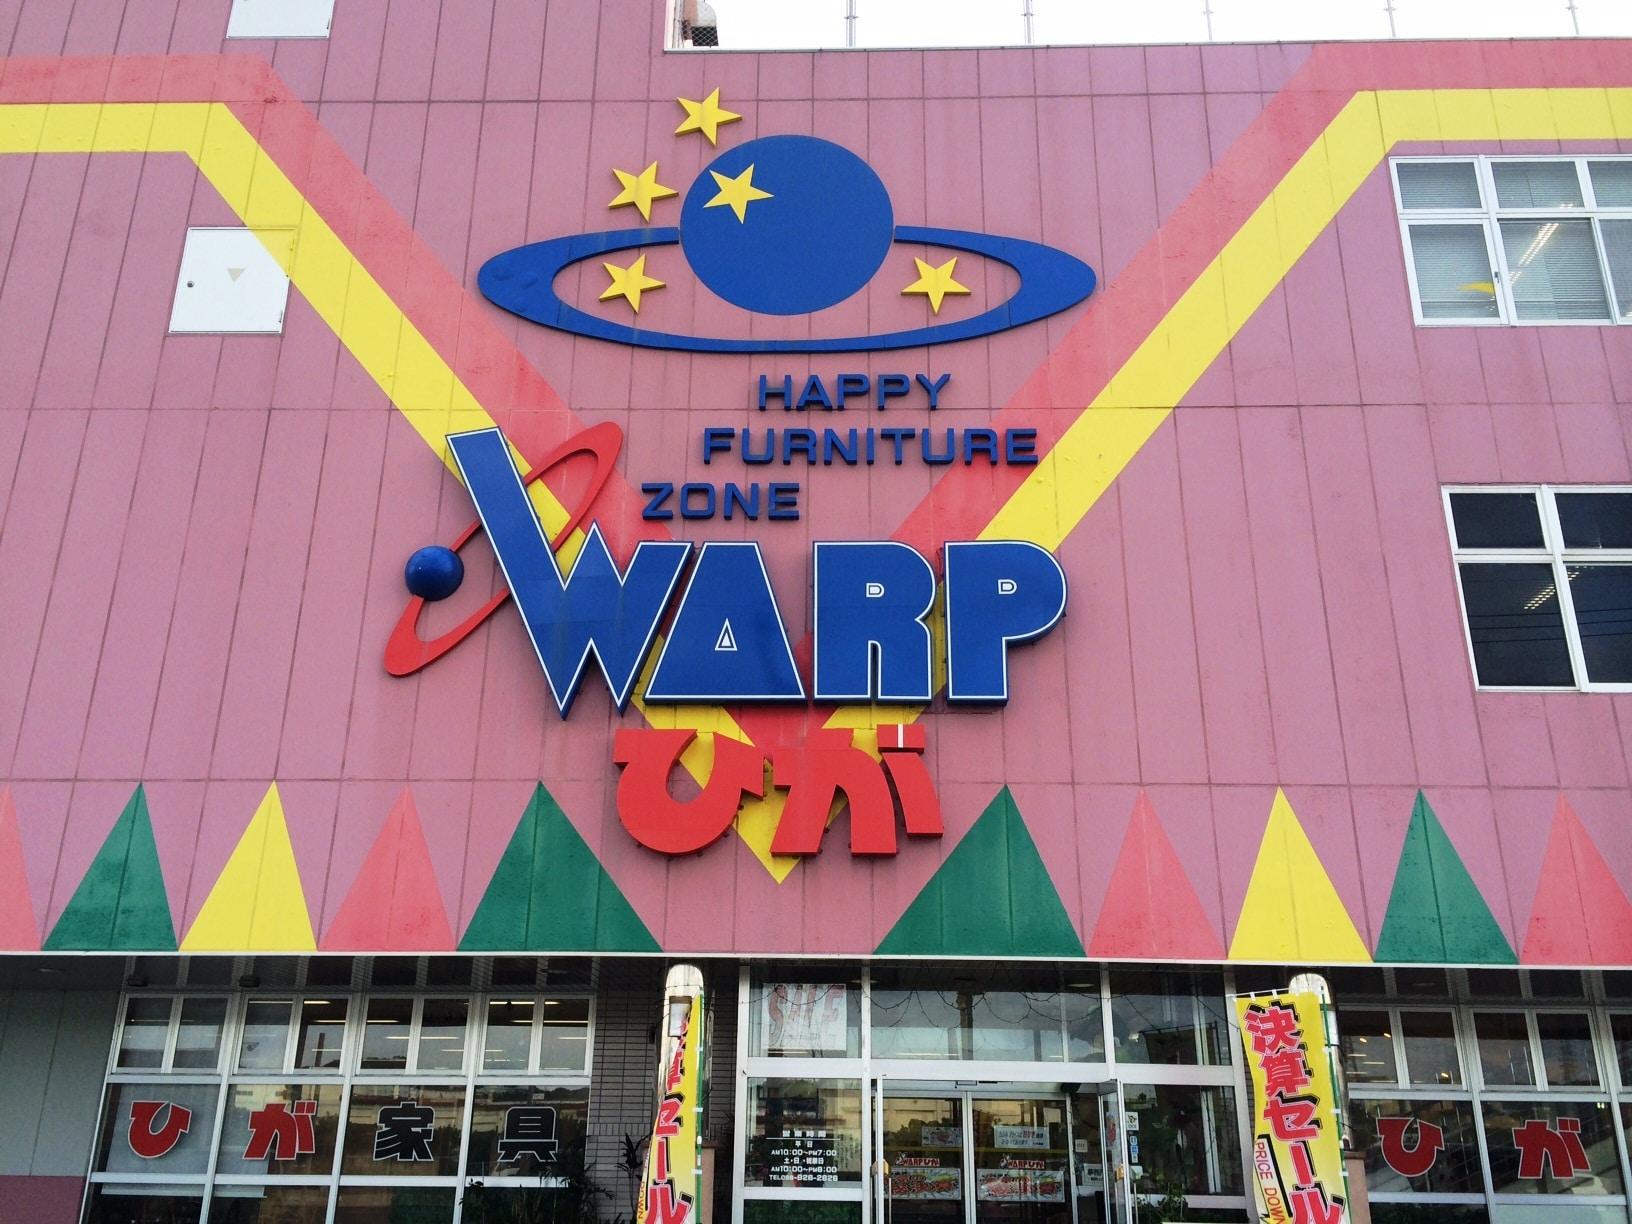 Happy Furniture Zone U2013 Warp (ひが) L Okinawa Hai!